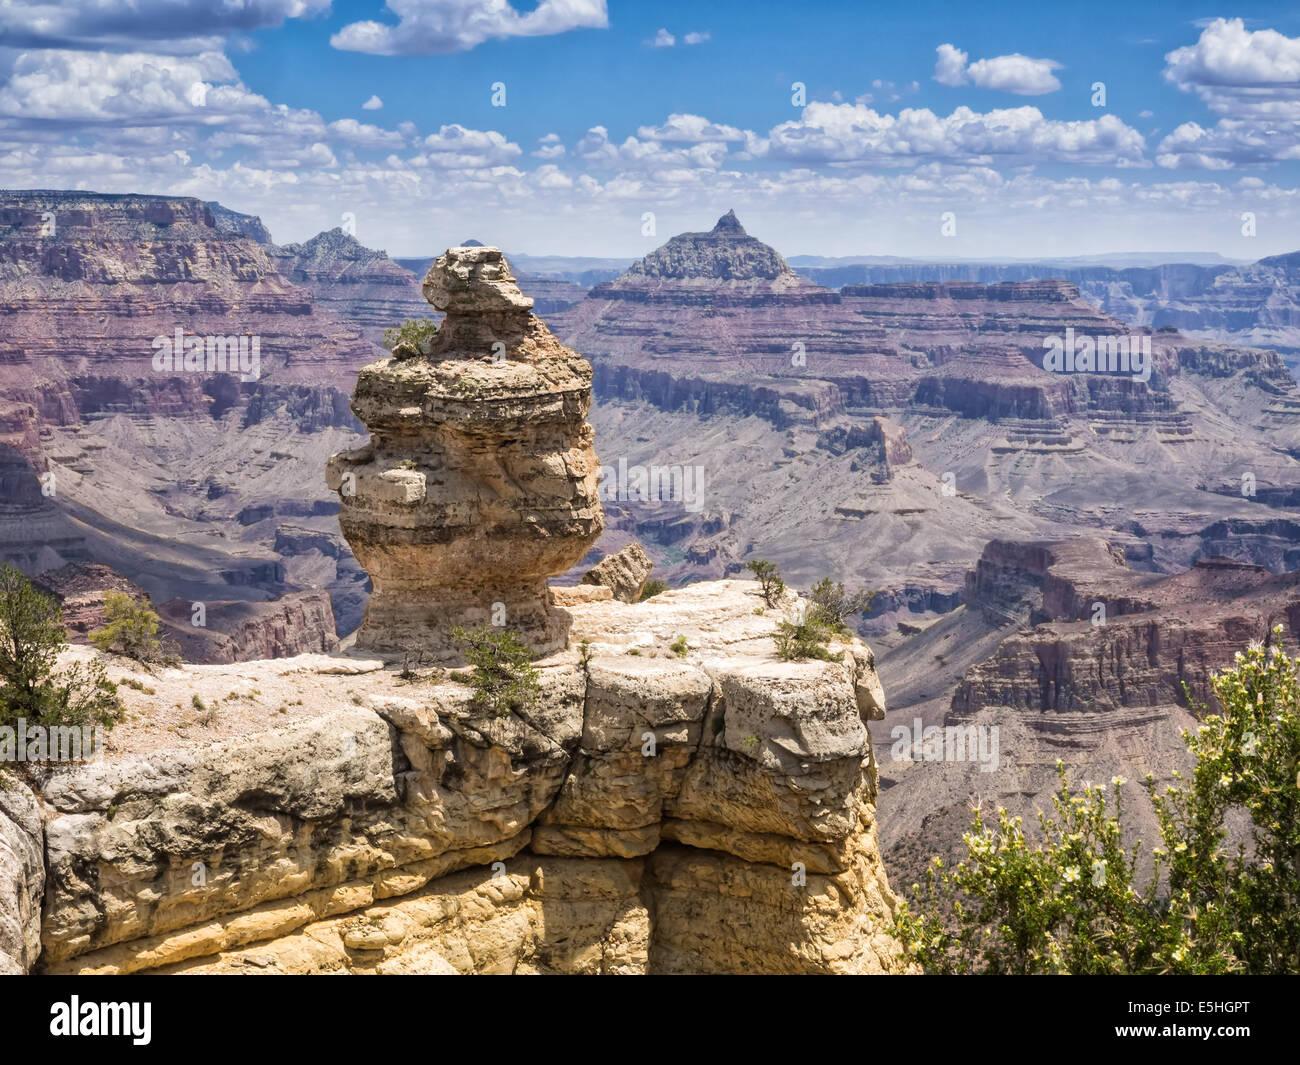 El Parque Nacional del Gran Cañón panorama con el Pato, Arizona Imagen De Stock